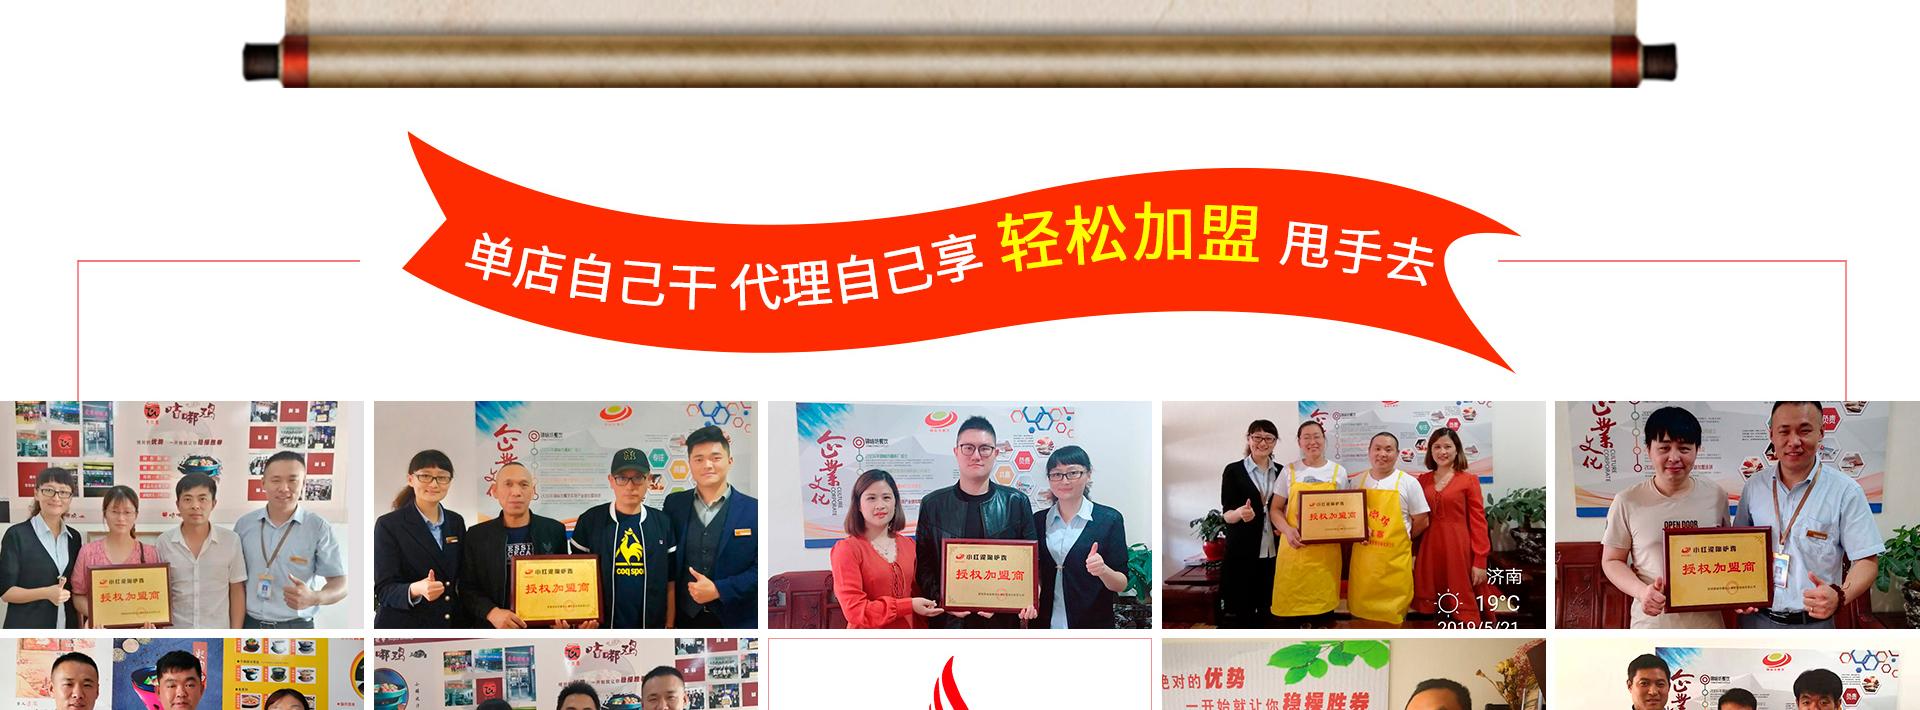 陶炉鸡快餐PC_13